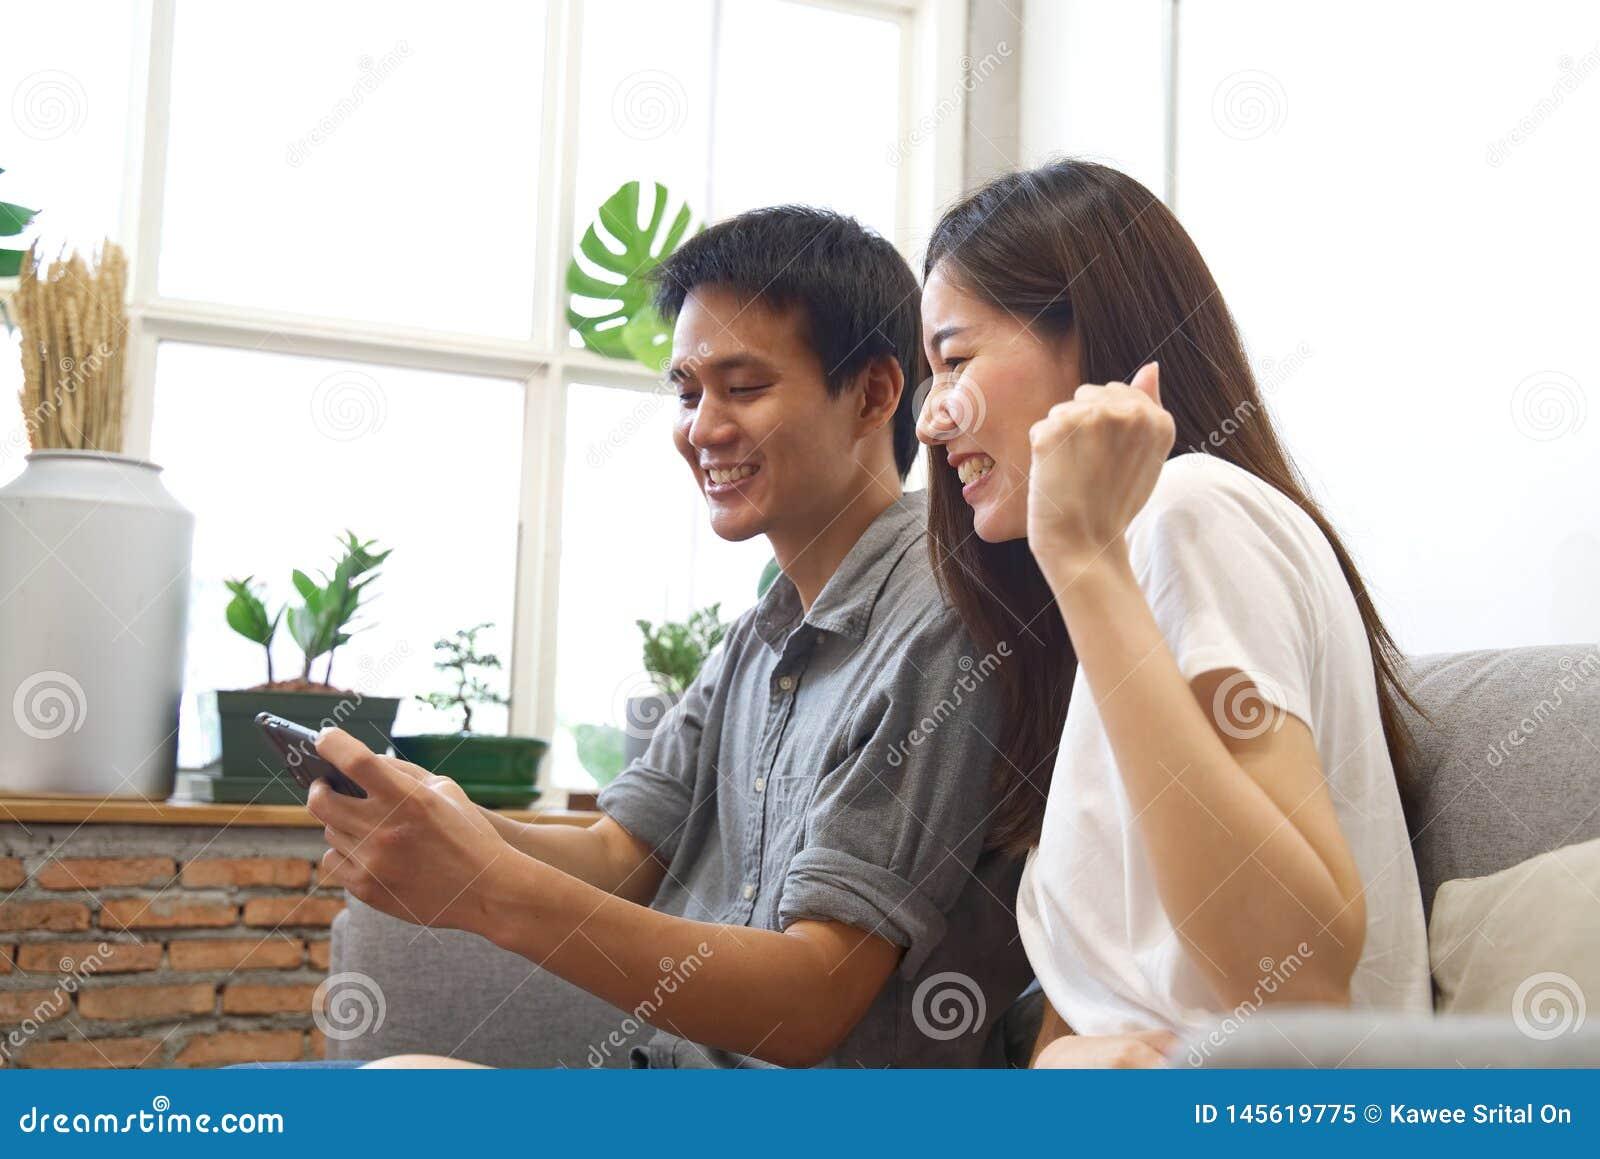 Los pares jovenes que se sientan en el sofá están mirando el teléfono móvil y están sintiendo surprise&happy cuando conozca el re